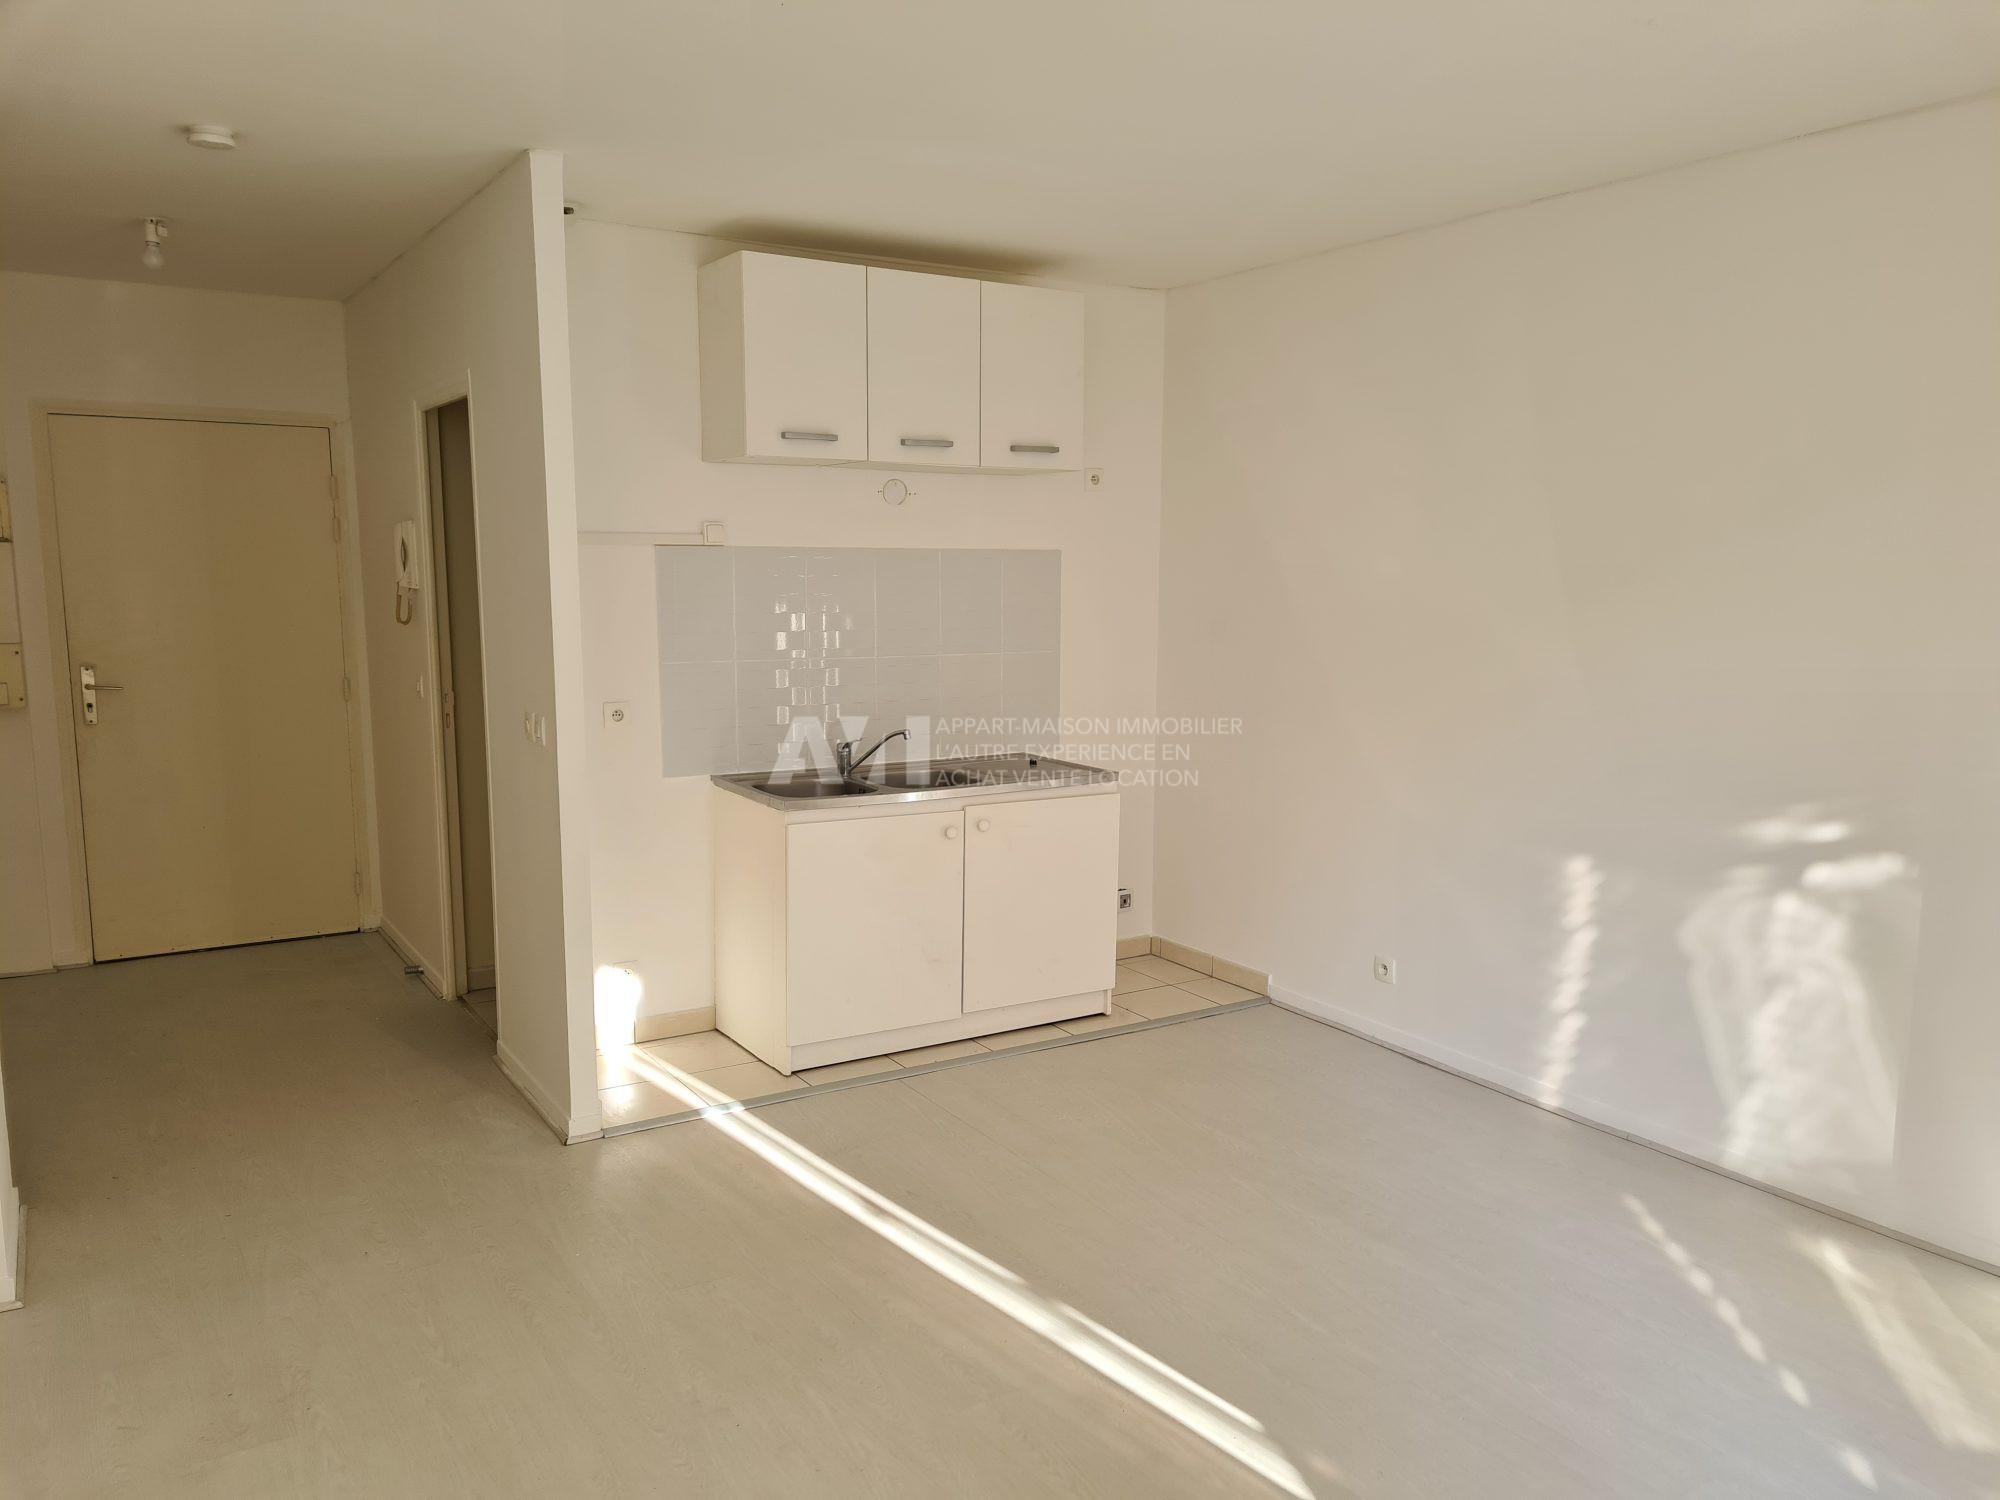 Appartement à louer Esbly à 530 €